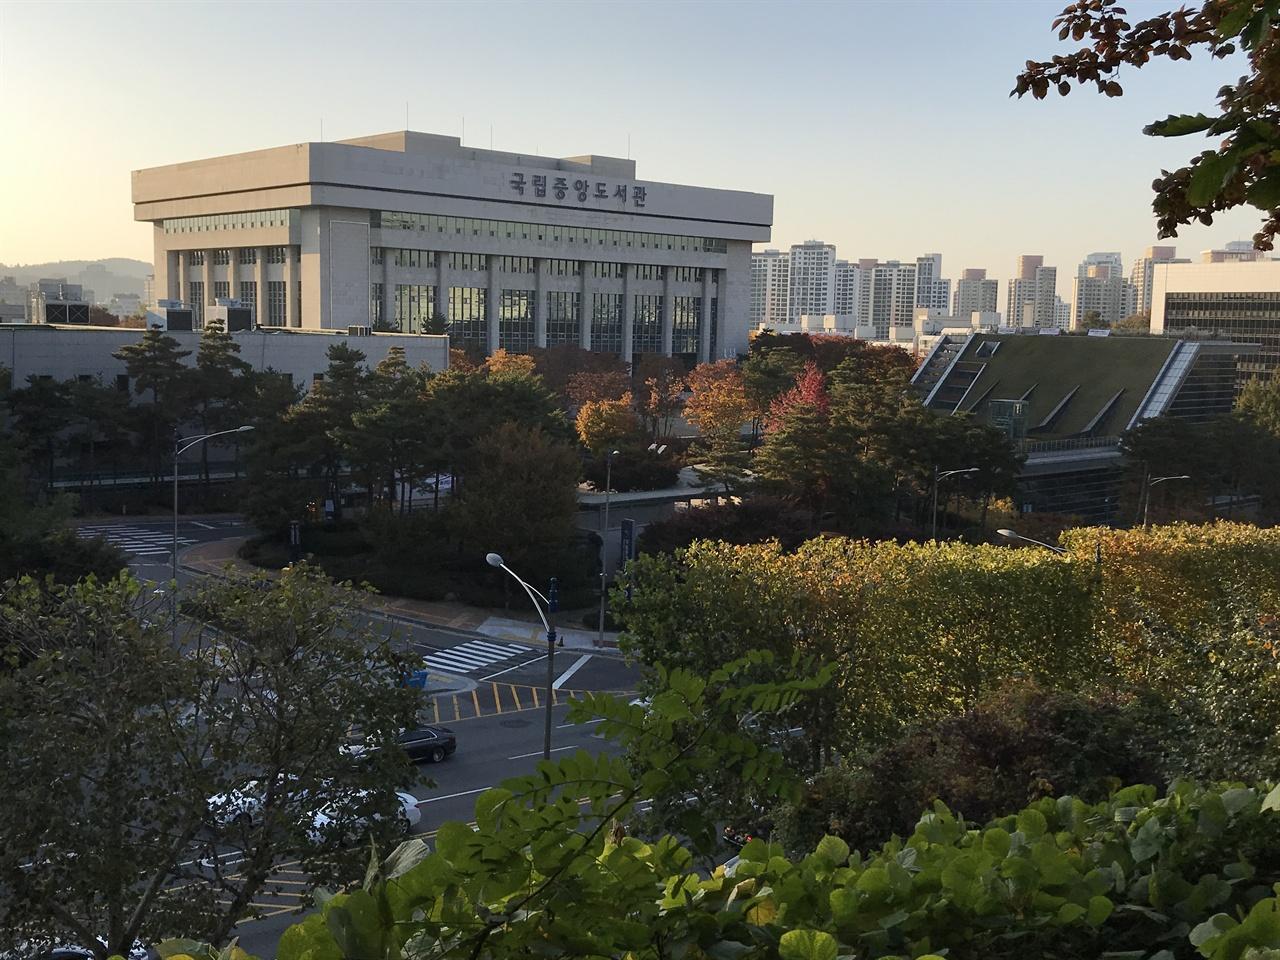 국립중앙도서관 전경  본관과 디지털도서관 모습이다. 1945년 국립도서관 시절부터 꼽으면 40명의 관장이 거쳐갔다. 서혜란 관장은 제41대 관장이다.